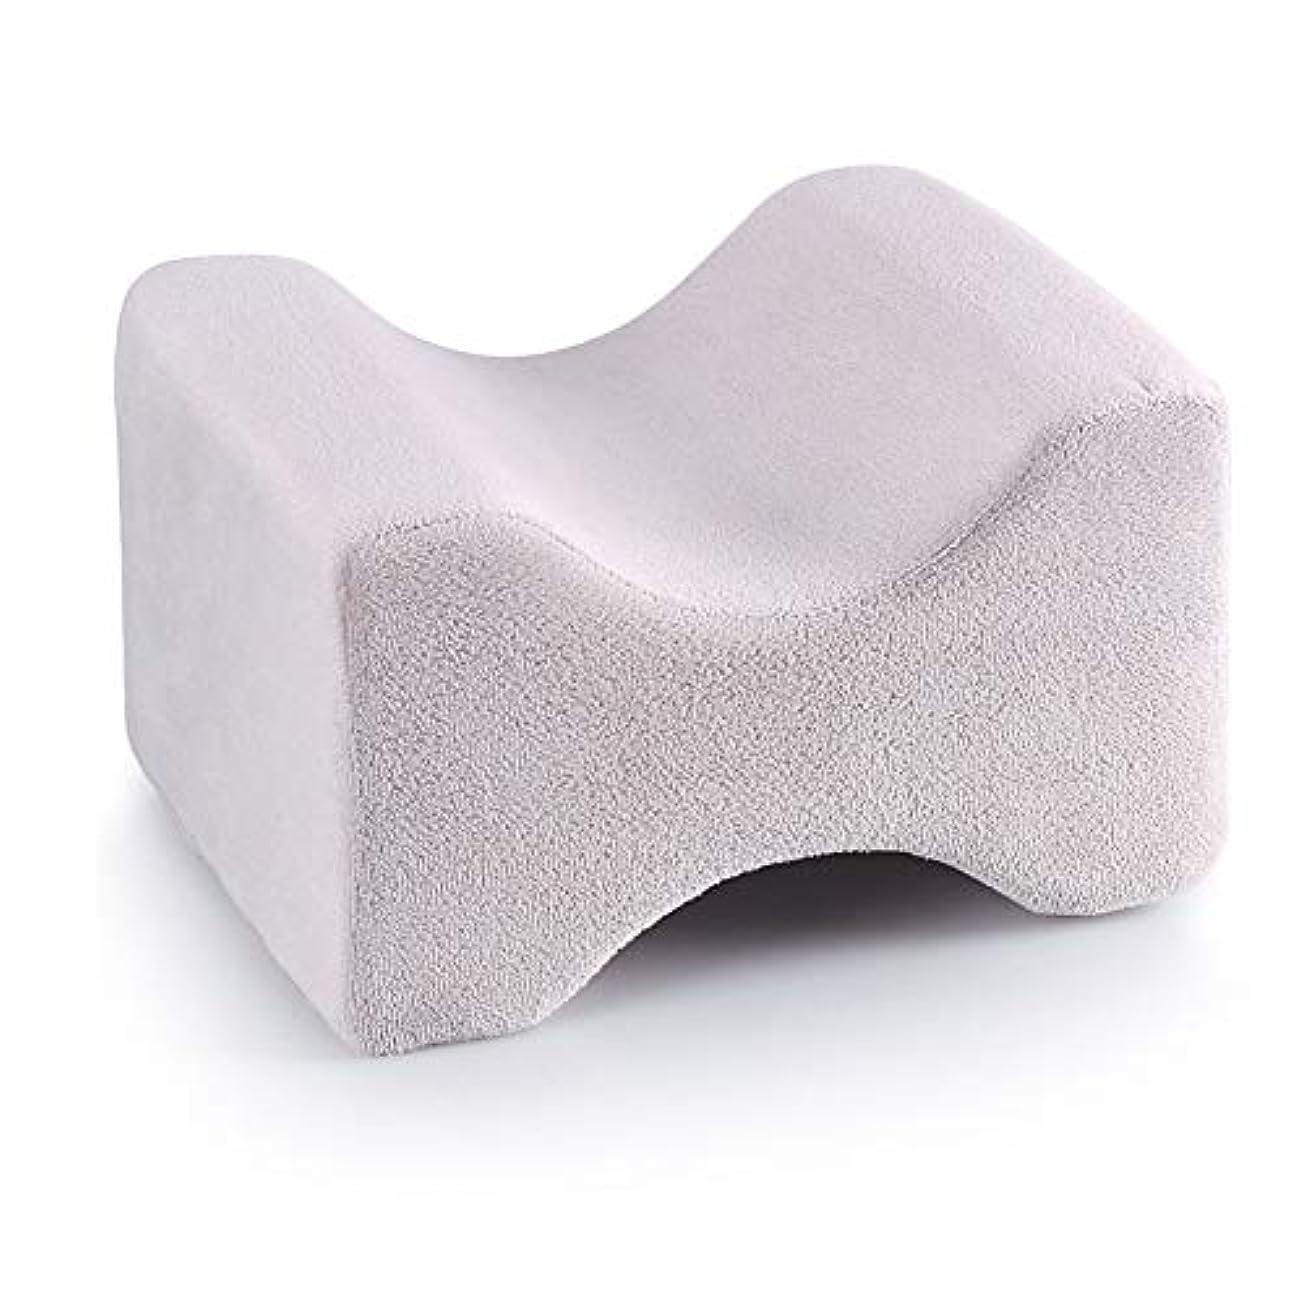 韓国野生追加3パック整形外科用膝枕用リリーフ、取り外し可能な洗えるカバー、低反発ウェッジの輪郭を促し、睡眠を促進し、血液循環を改善